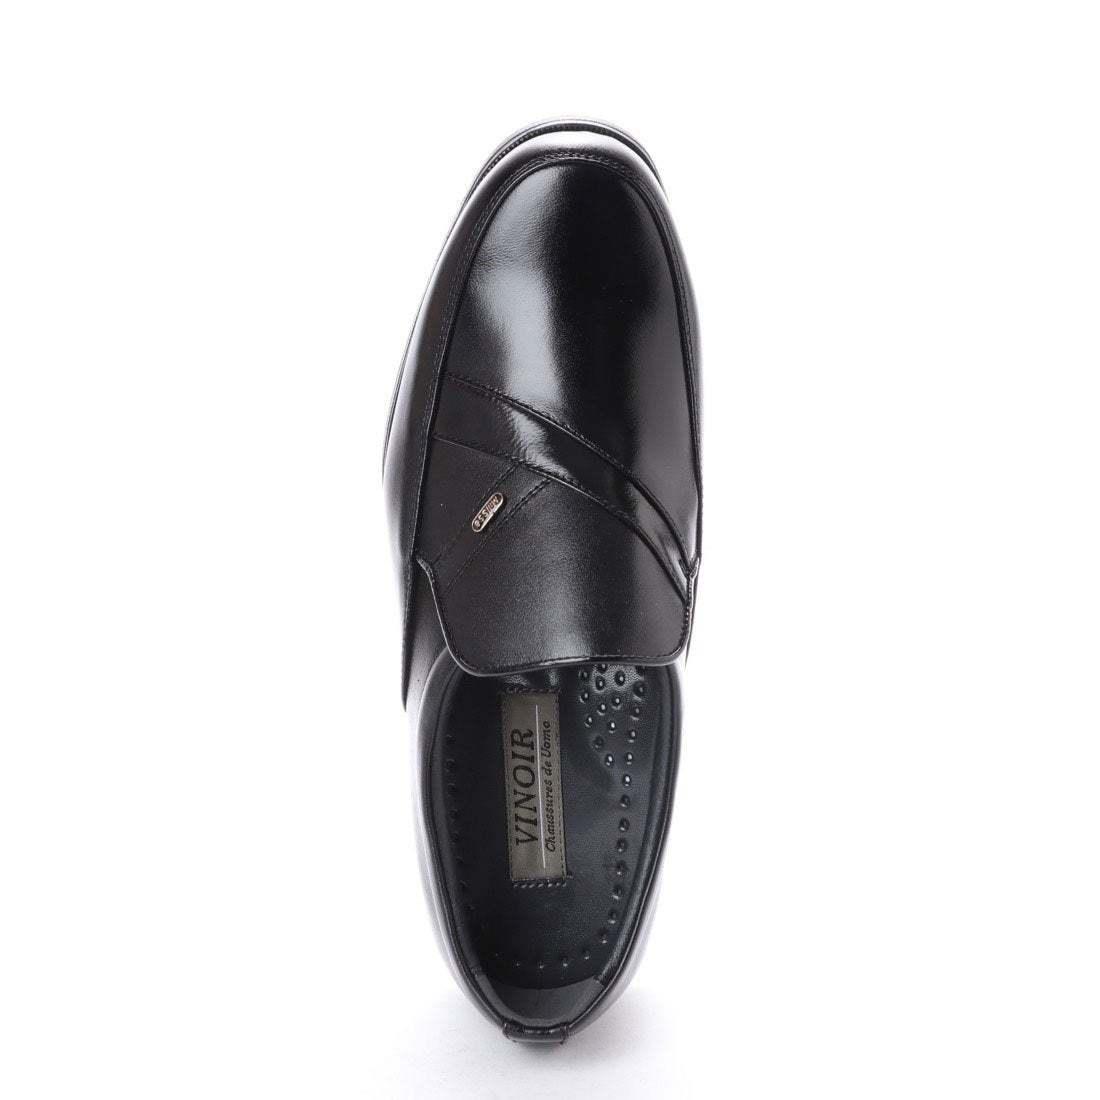 【安い】 超軽量 紳士靴 メンズ ビジネスシューズ スリッポン ウォーキングシューズ 幅広 4E 抗菌 防臭 1012 ブラック 黒 27.0cm